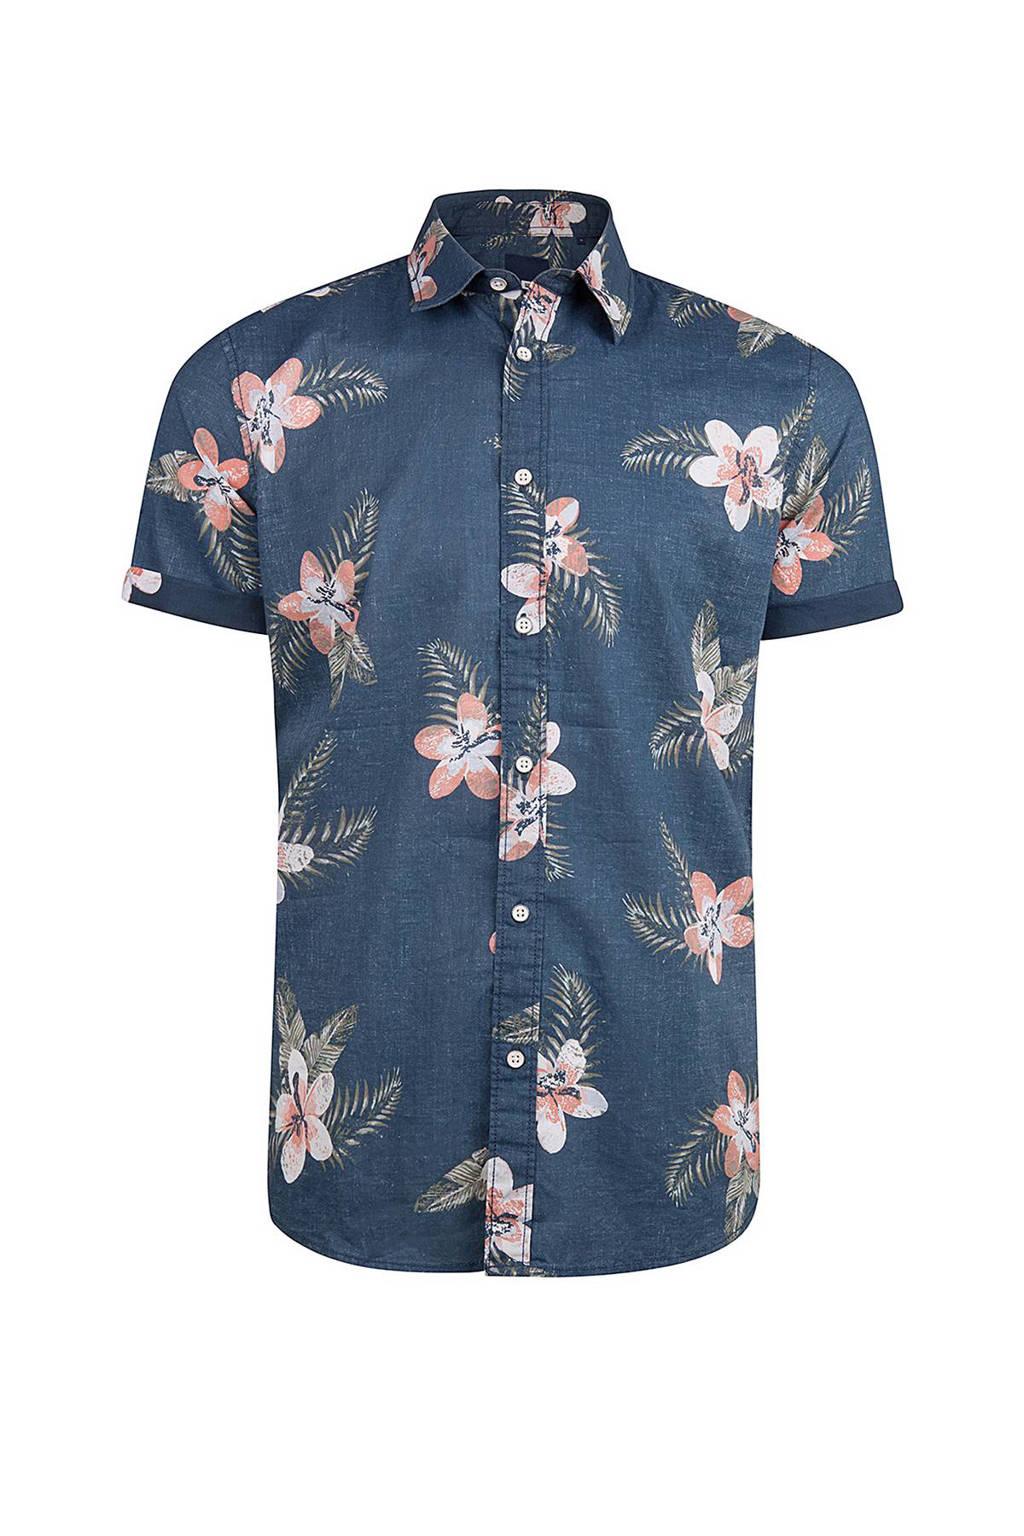 Bloemetjes Overhemd.We Fashion Relaxed Fit Overhemd Met Bloemen Blauw Wehkamp